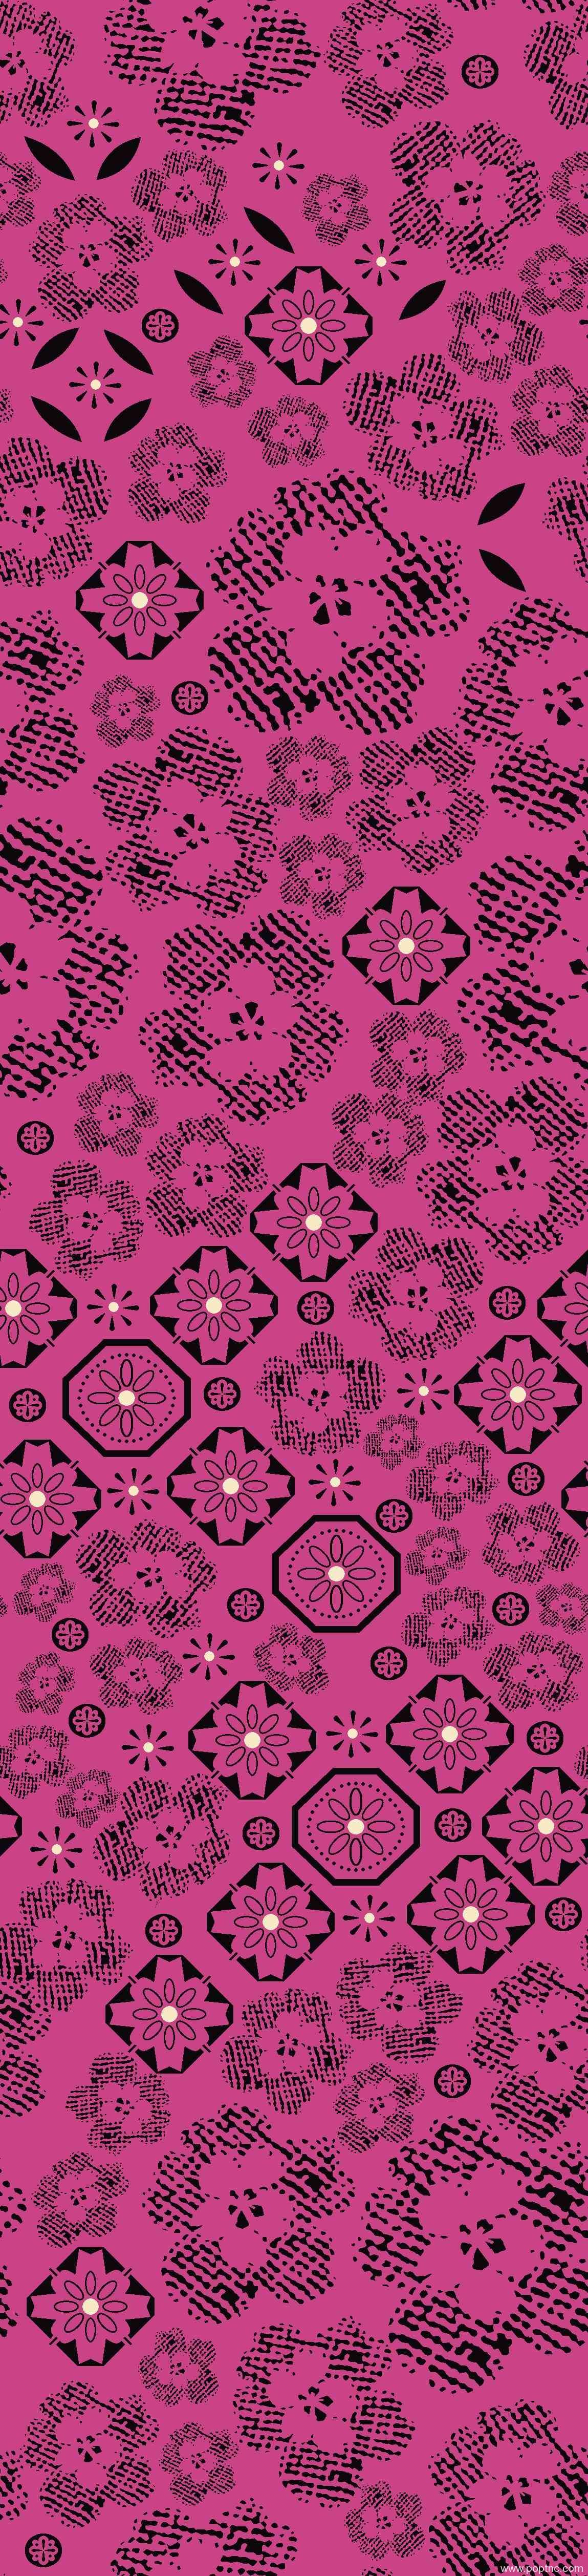 服装面料水印数码印花矢量图植物花卉图案金昌格式源文件-POP花型网